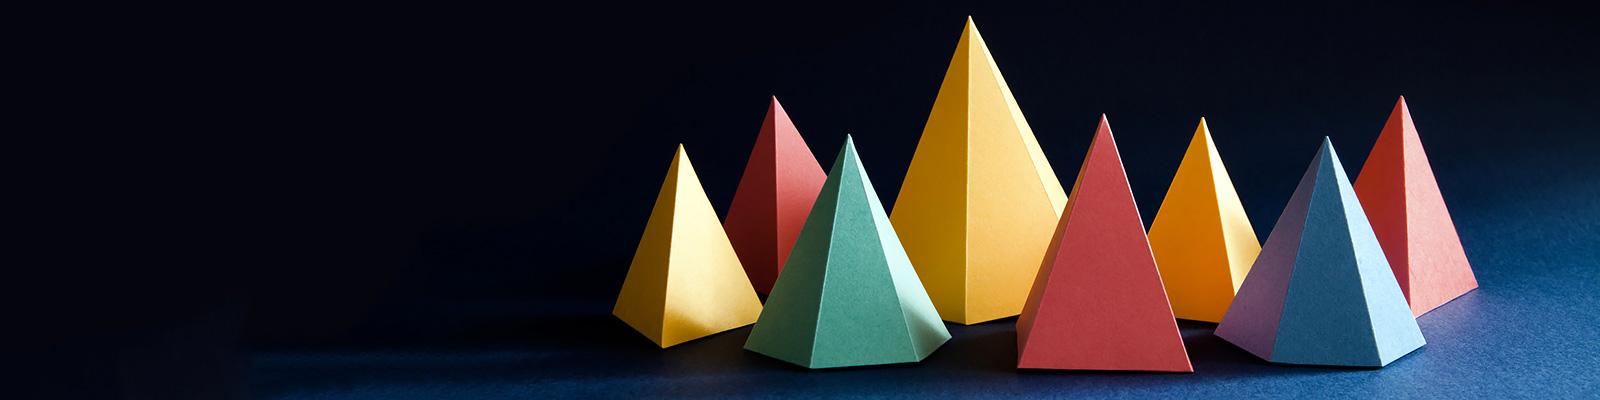 幾何学 イメージ